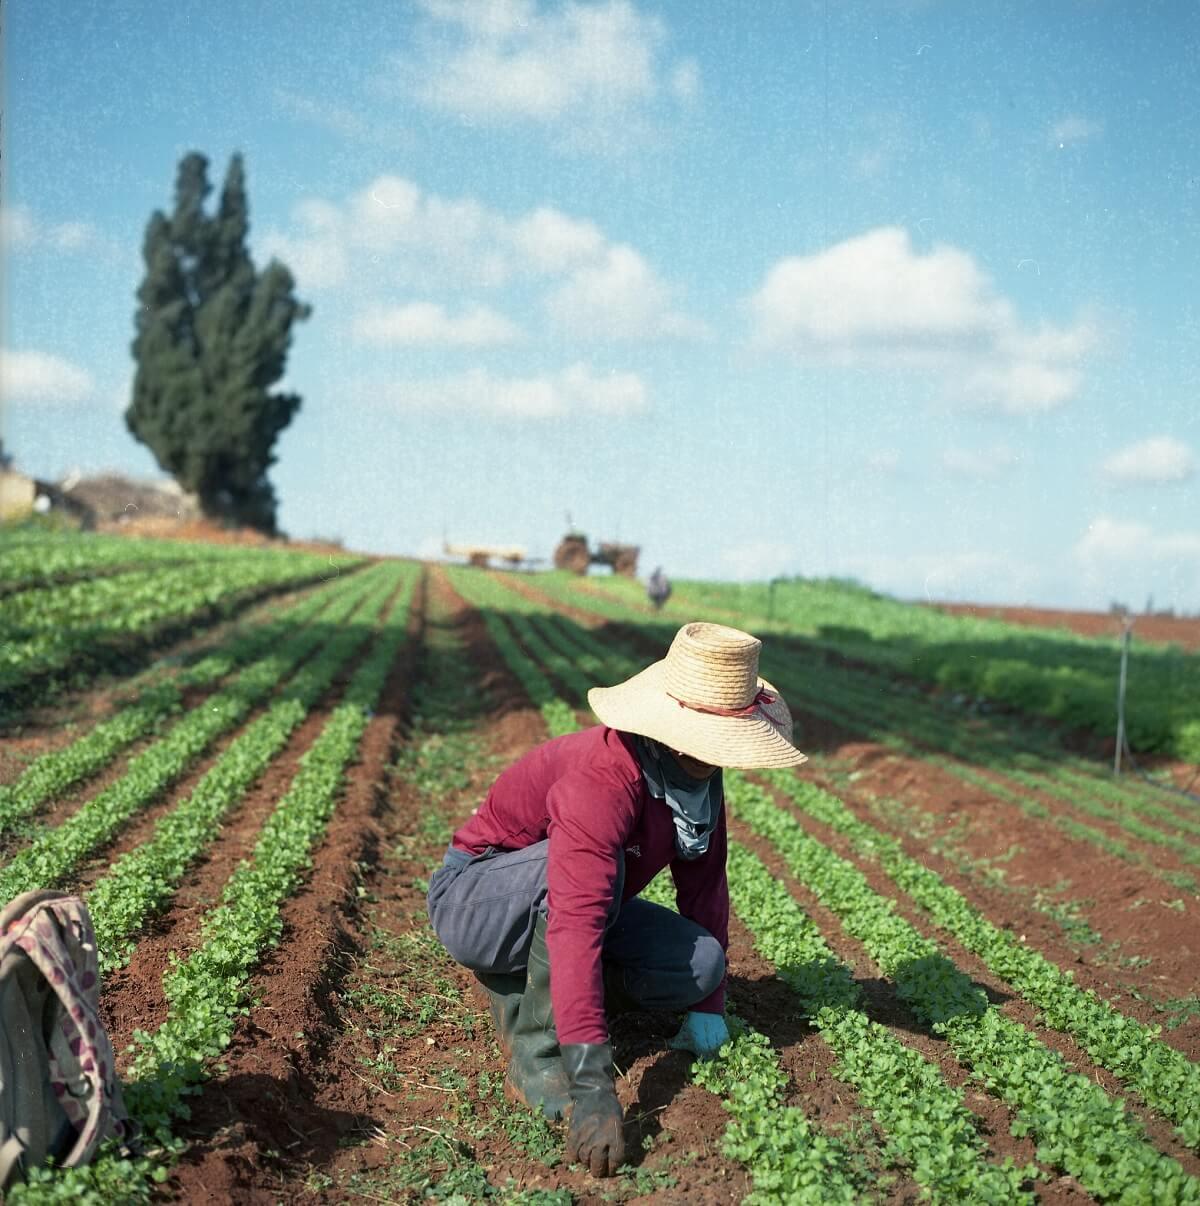 woman amending soil